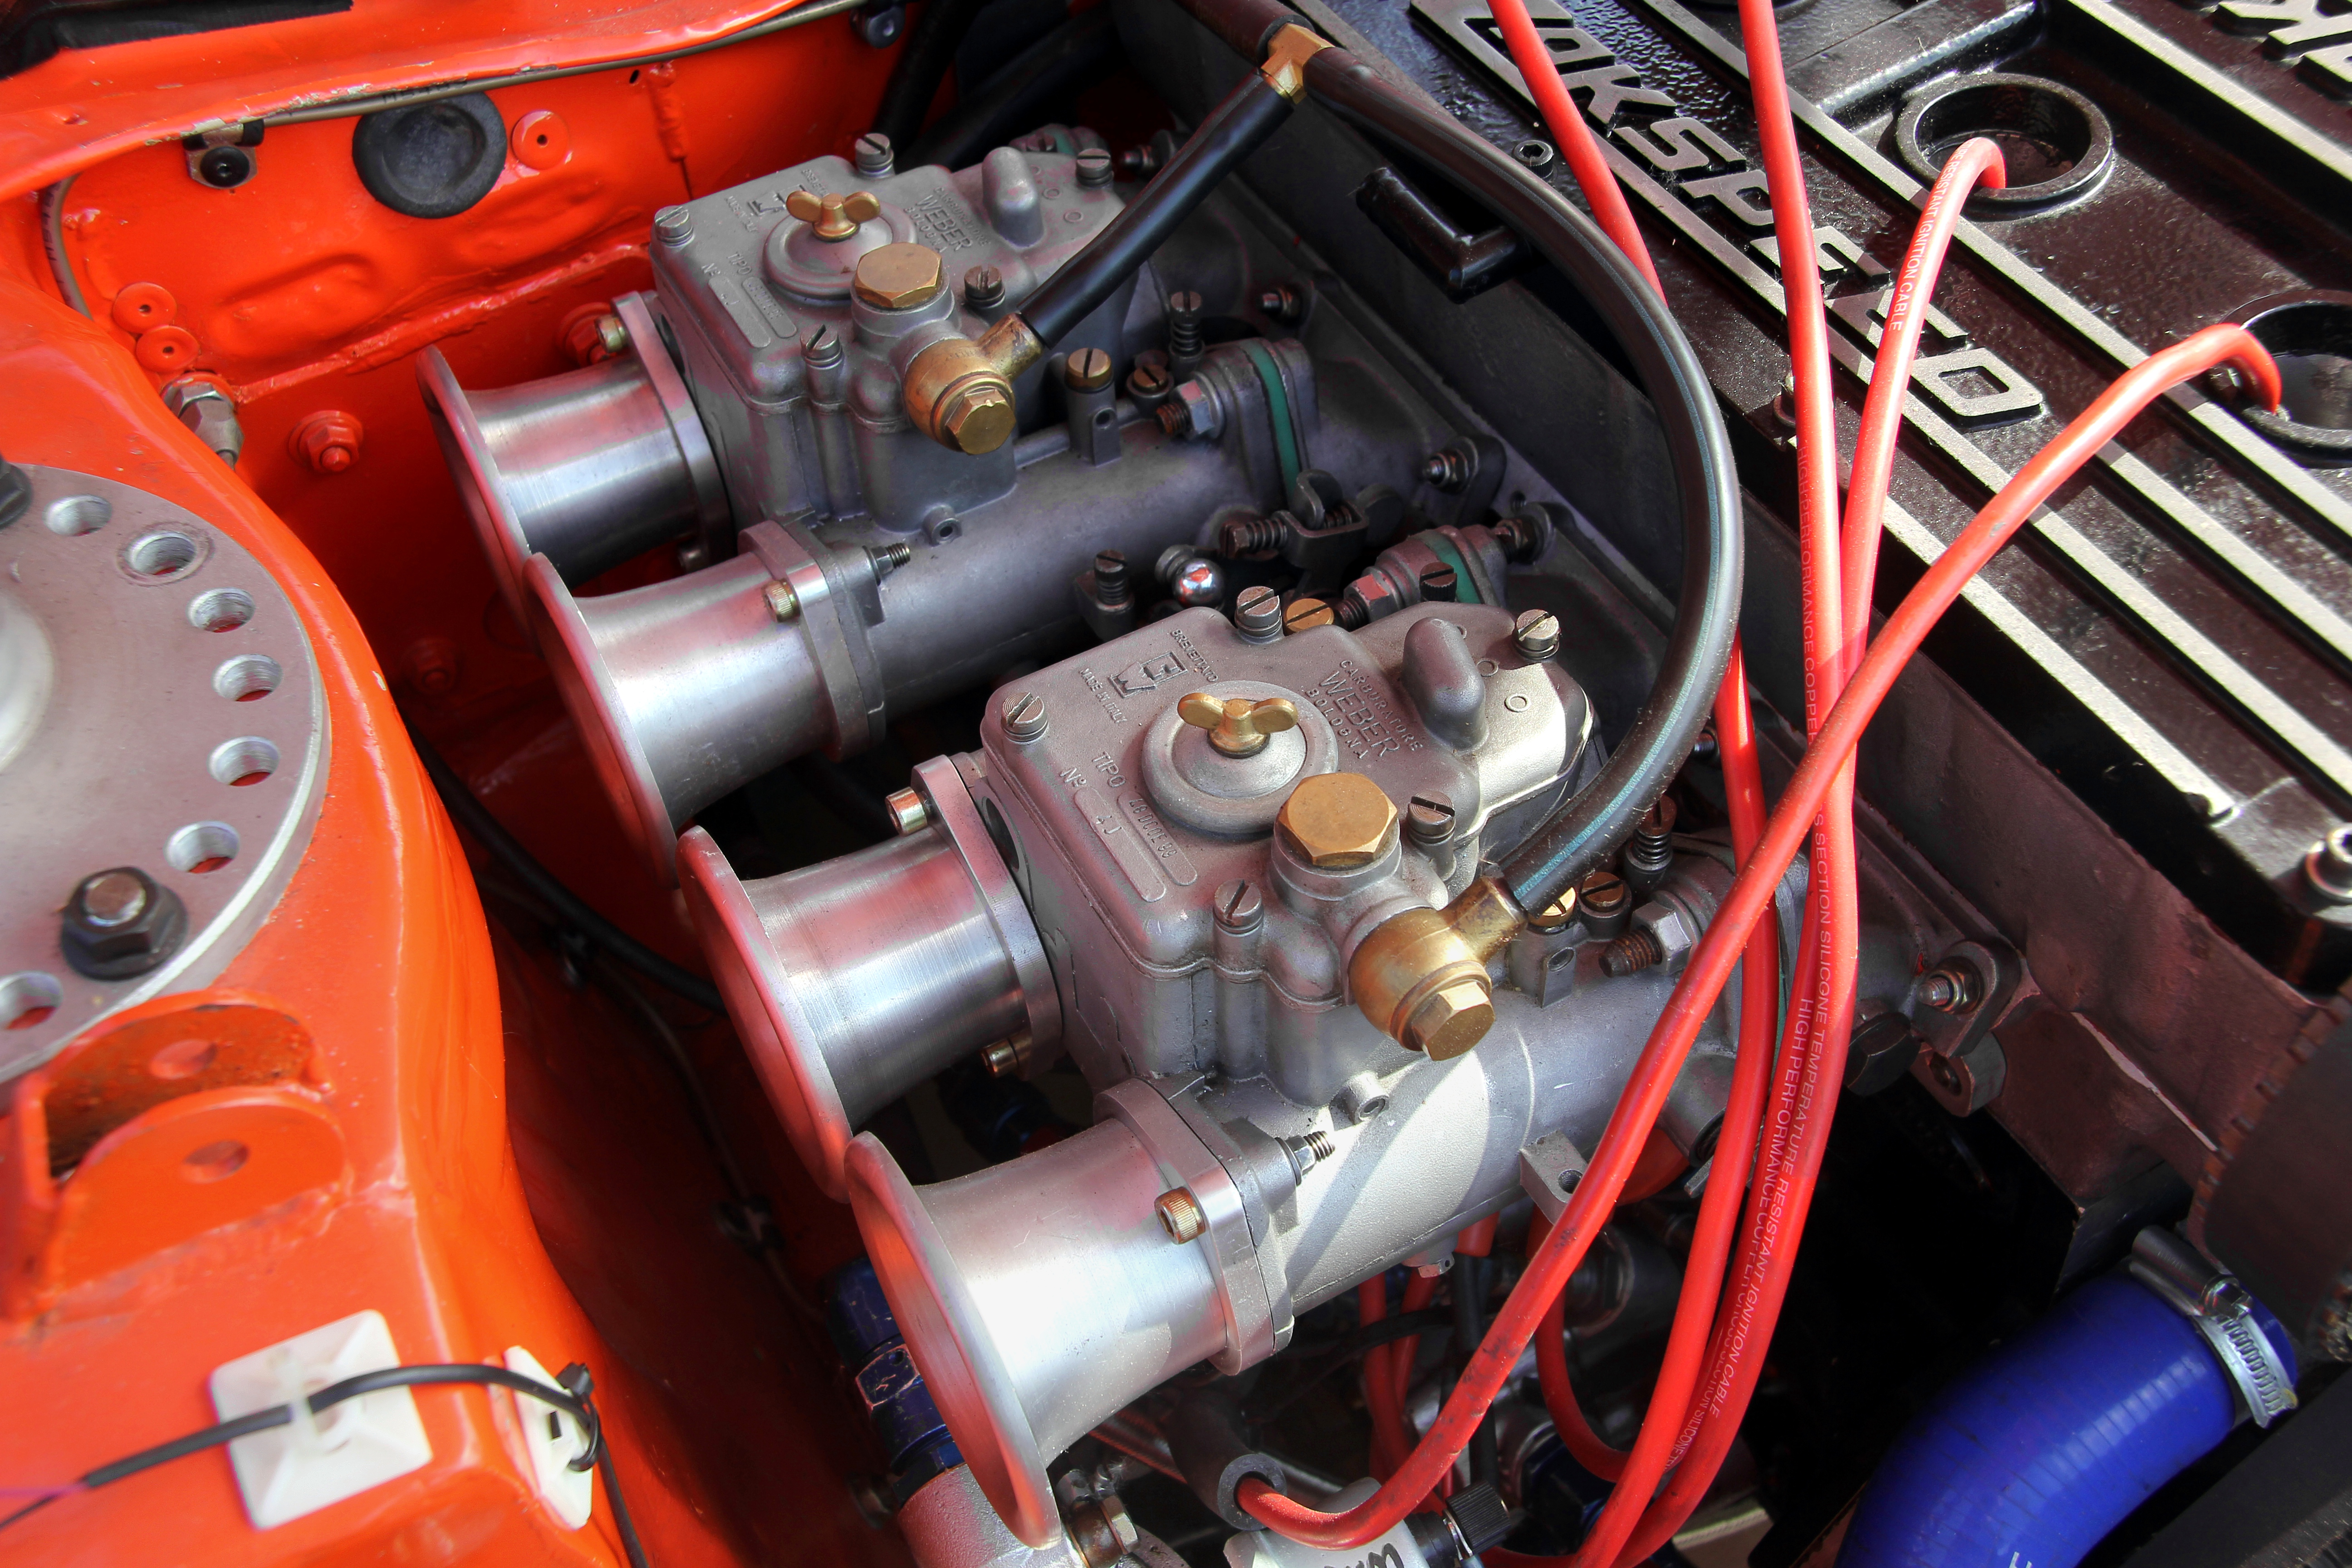 1970 Corvette Vacuum Diagram In Addition Wiring Diagrams Peugeot